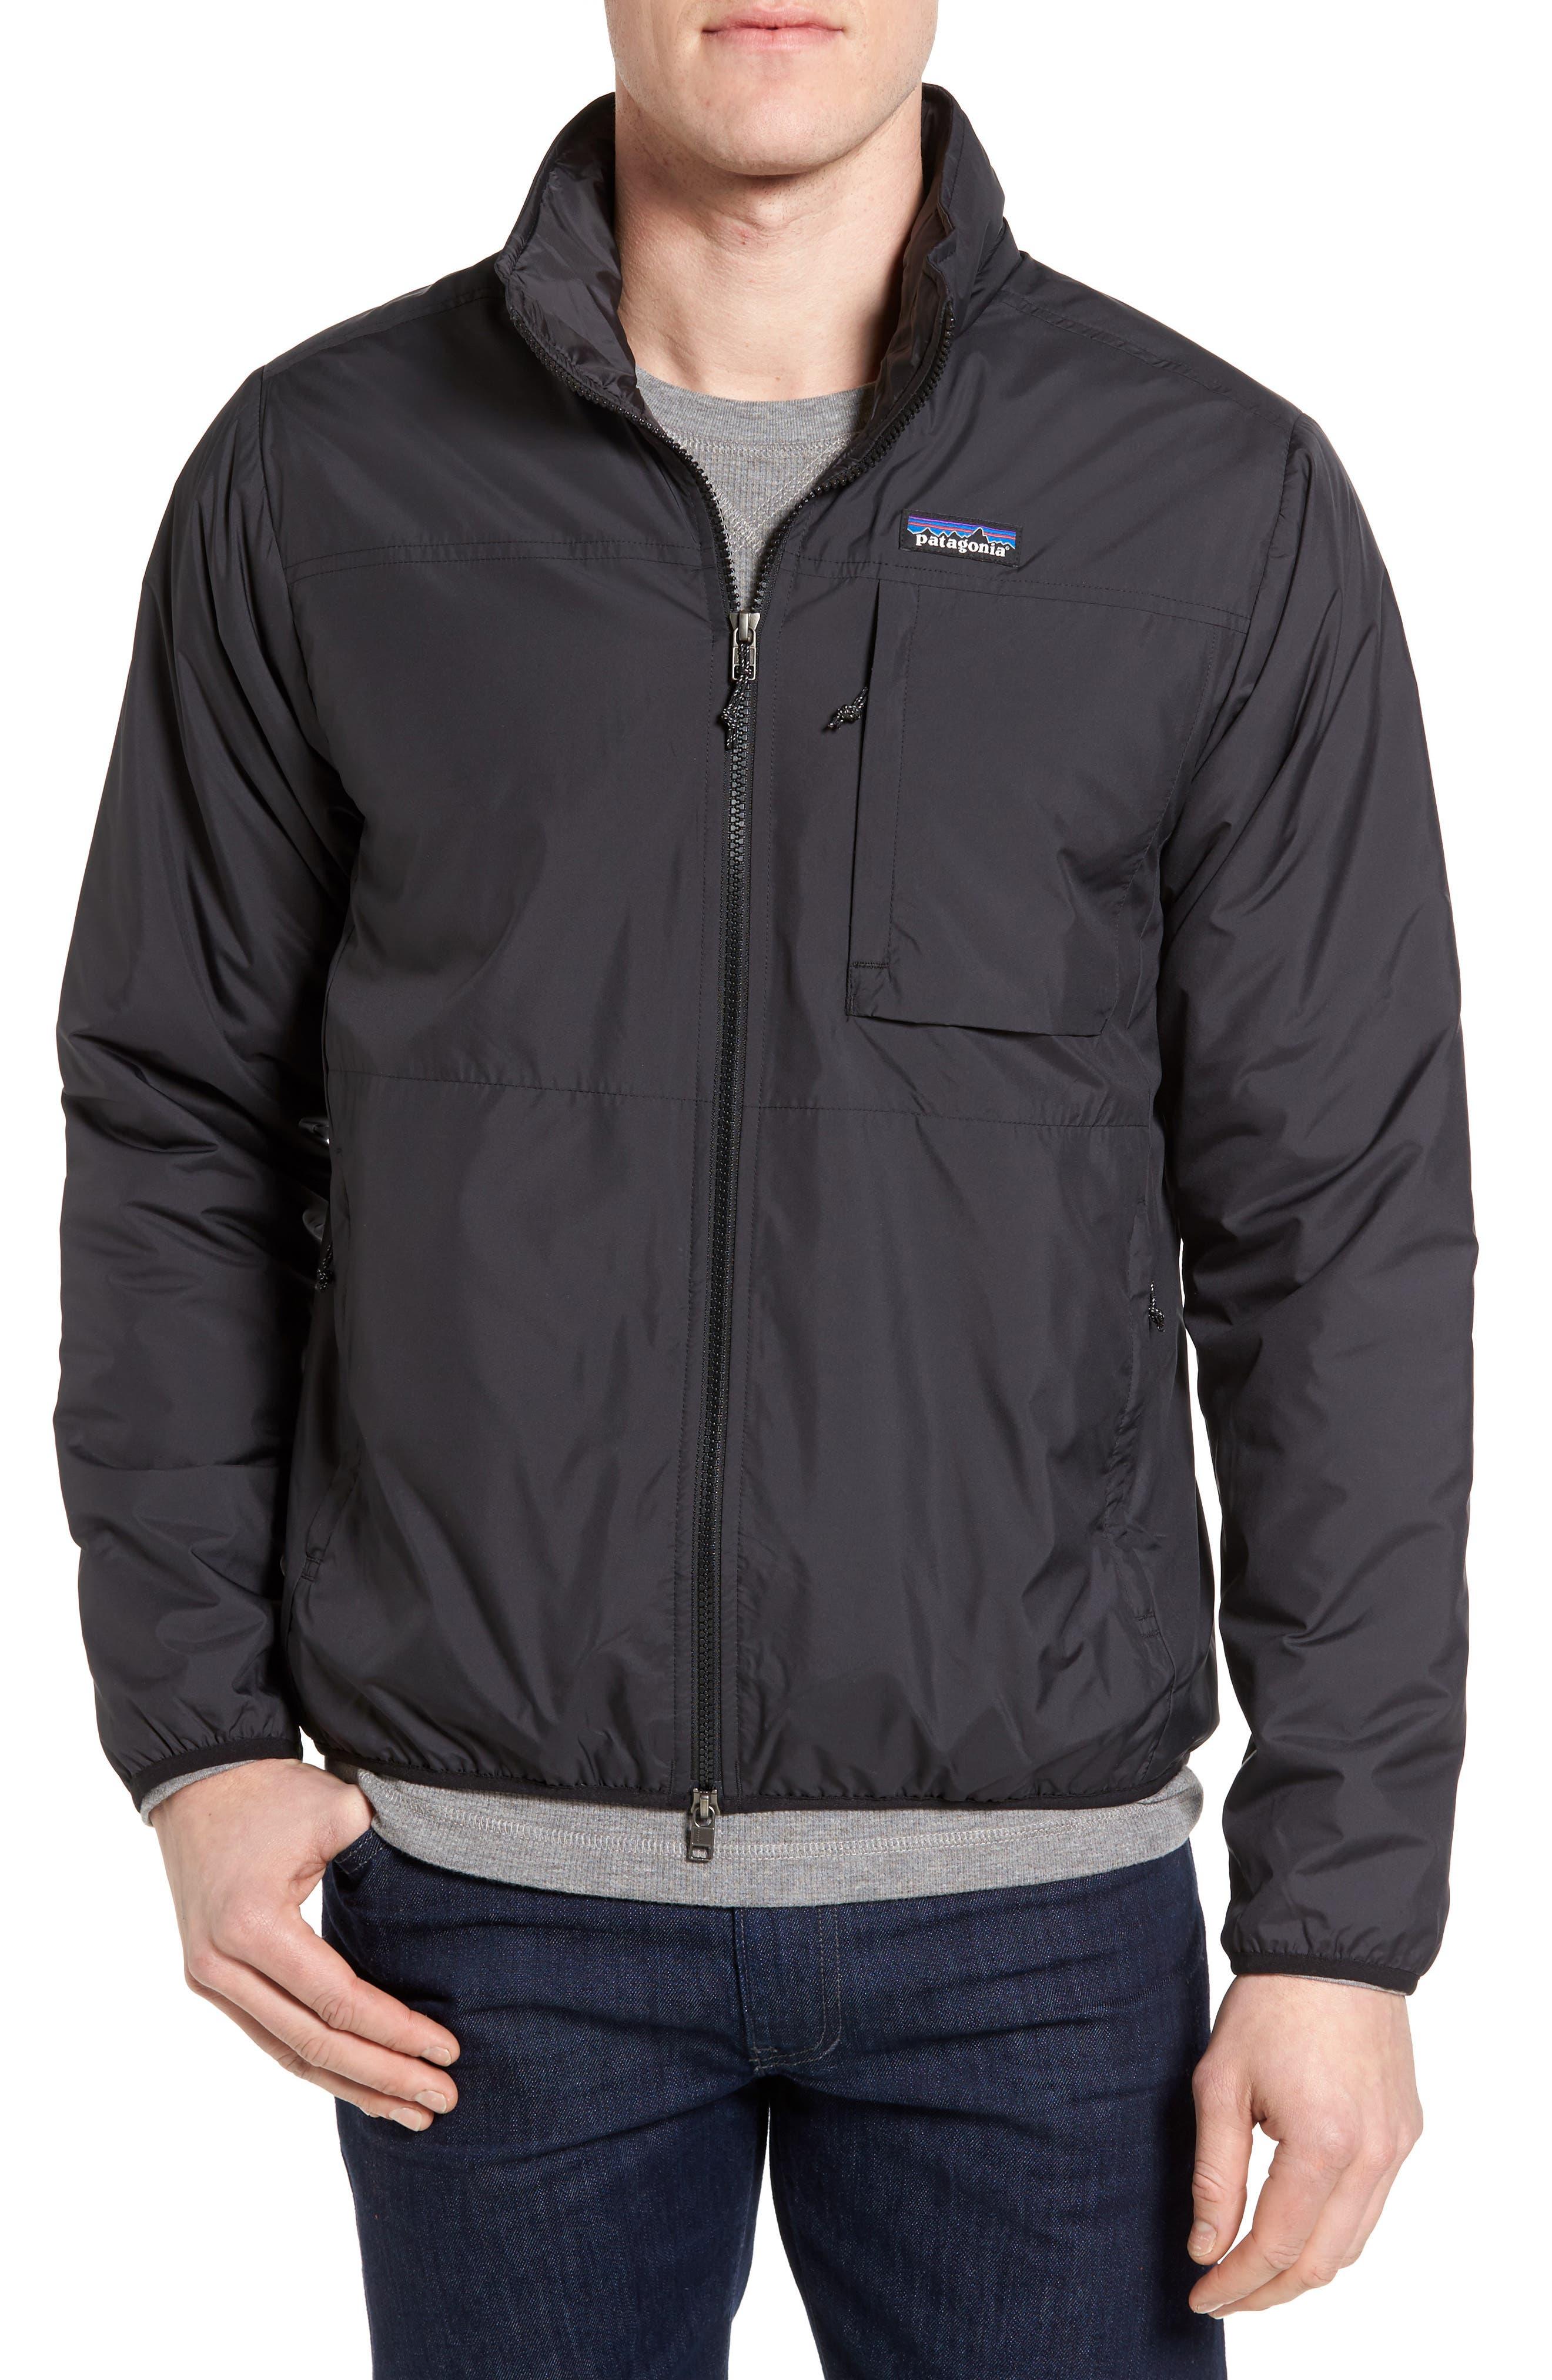 Crankset Regular Fit Jacket,                         Main,                         color, BLACK